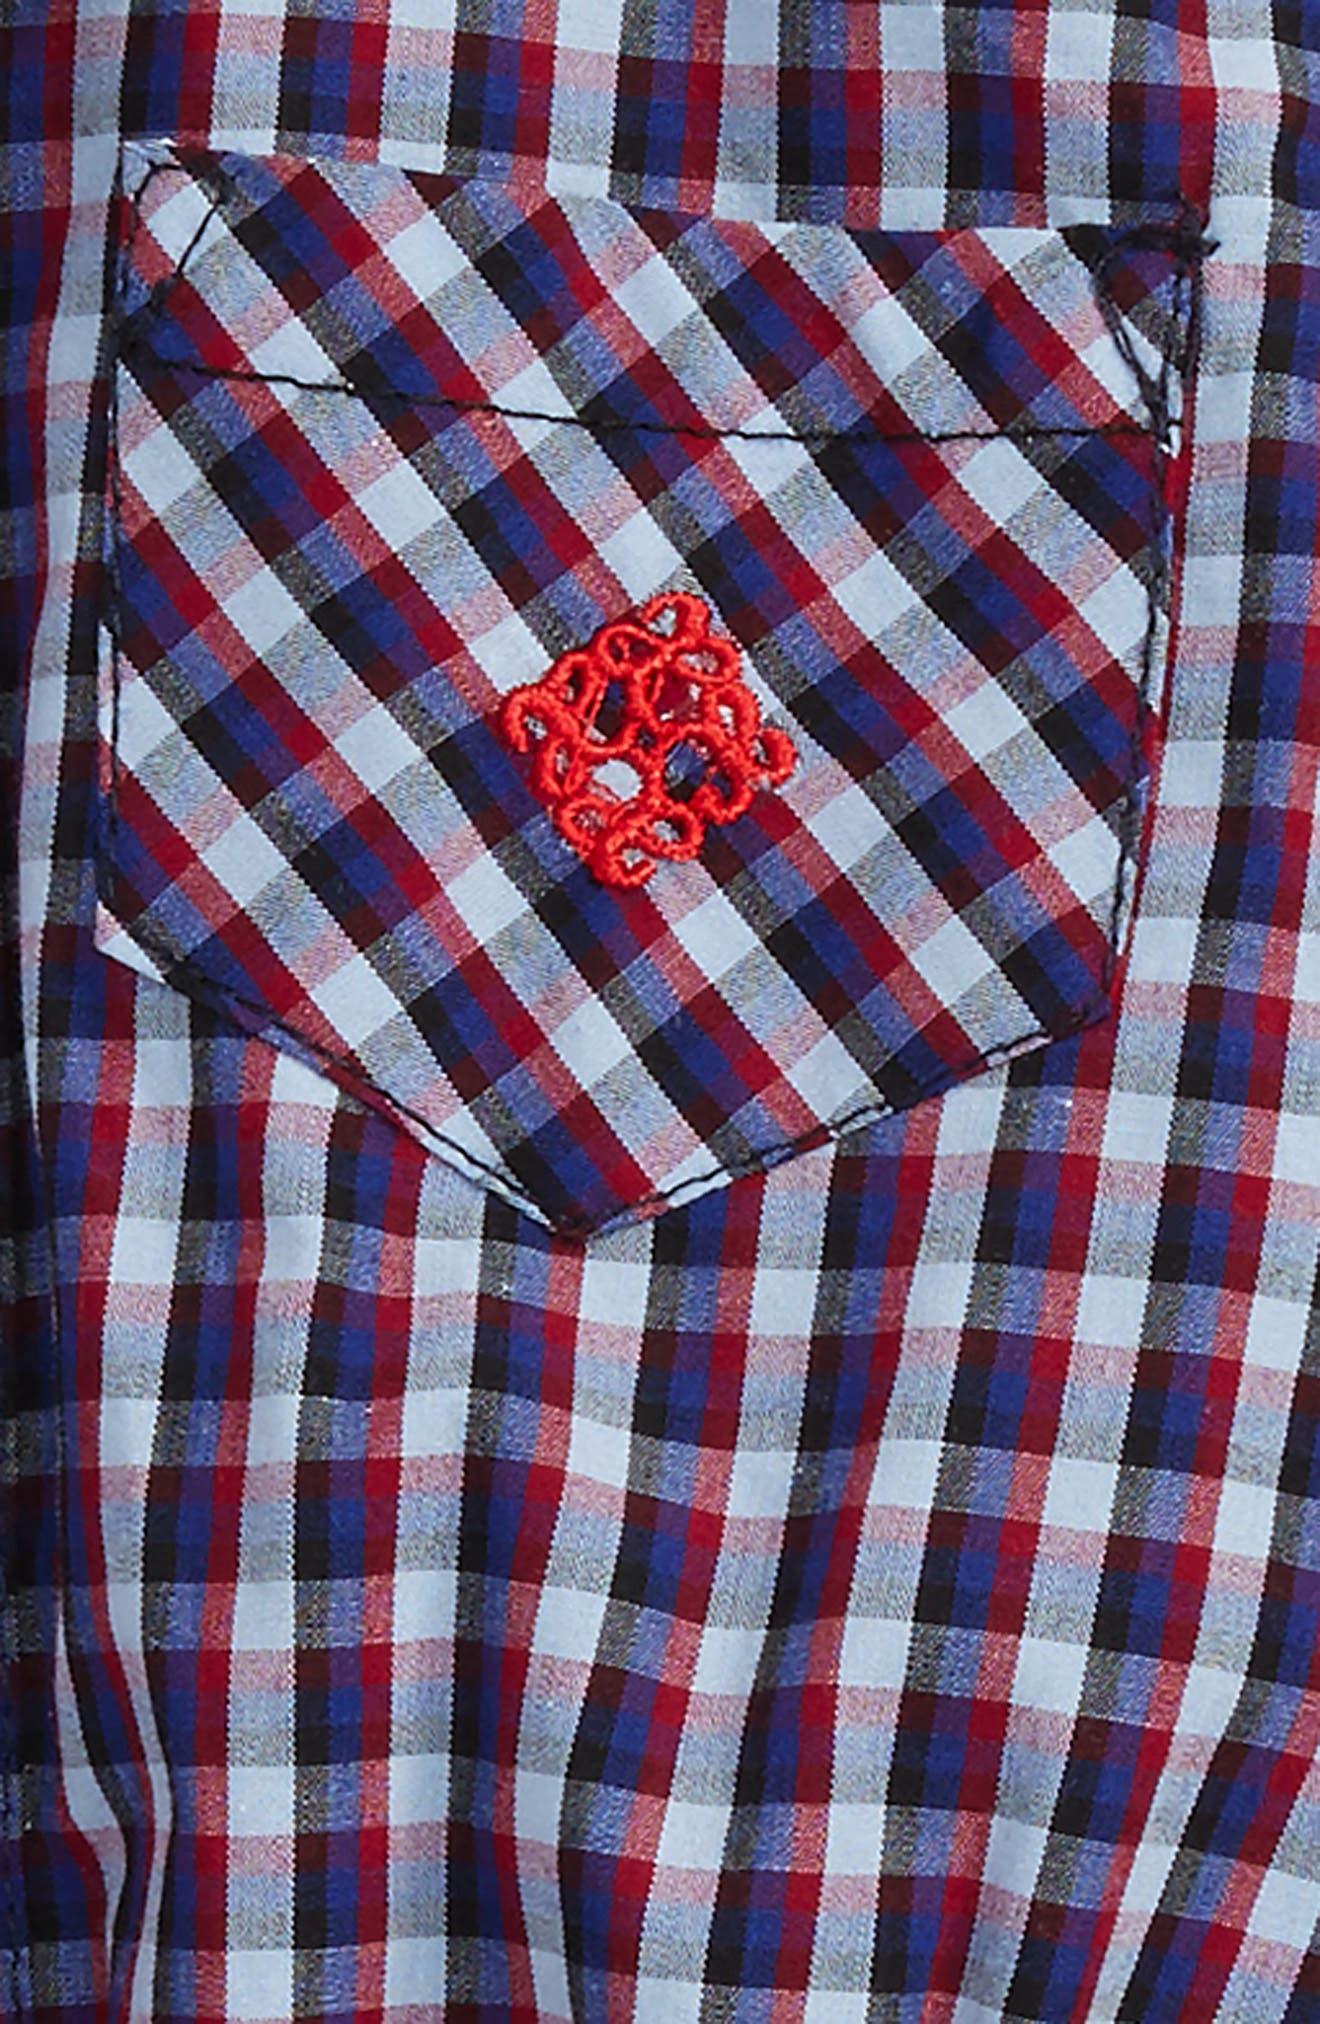 Shirtzie Check Bodysuit & Pants Set,                             Alternate thumbnail 2, color,                             612